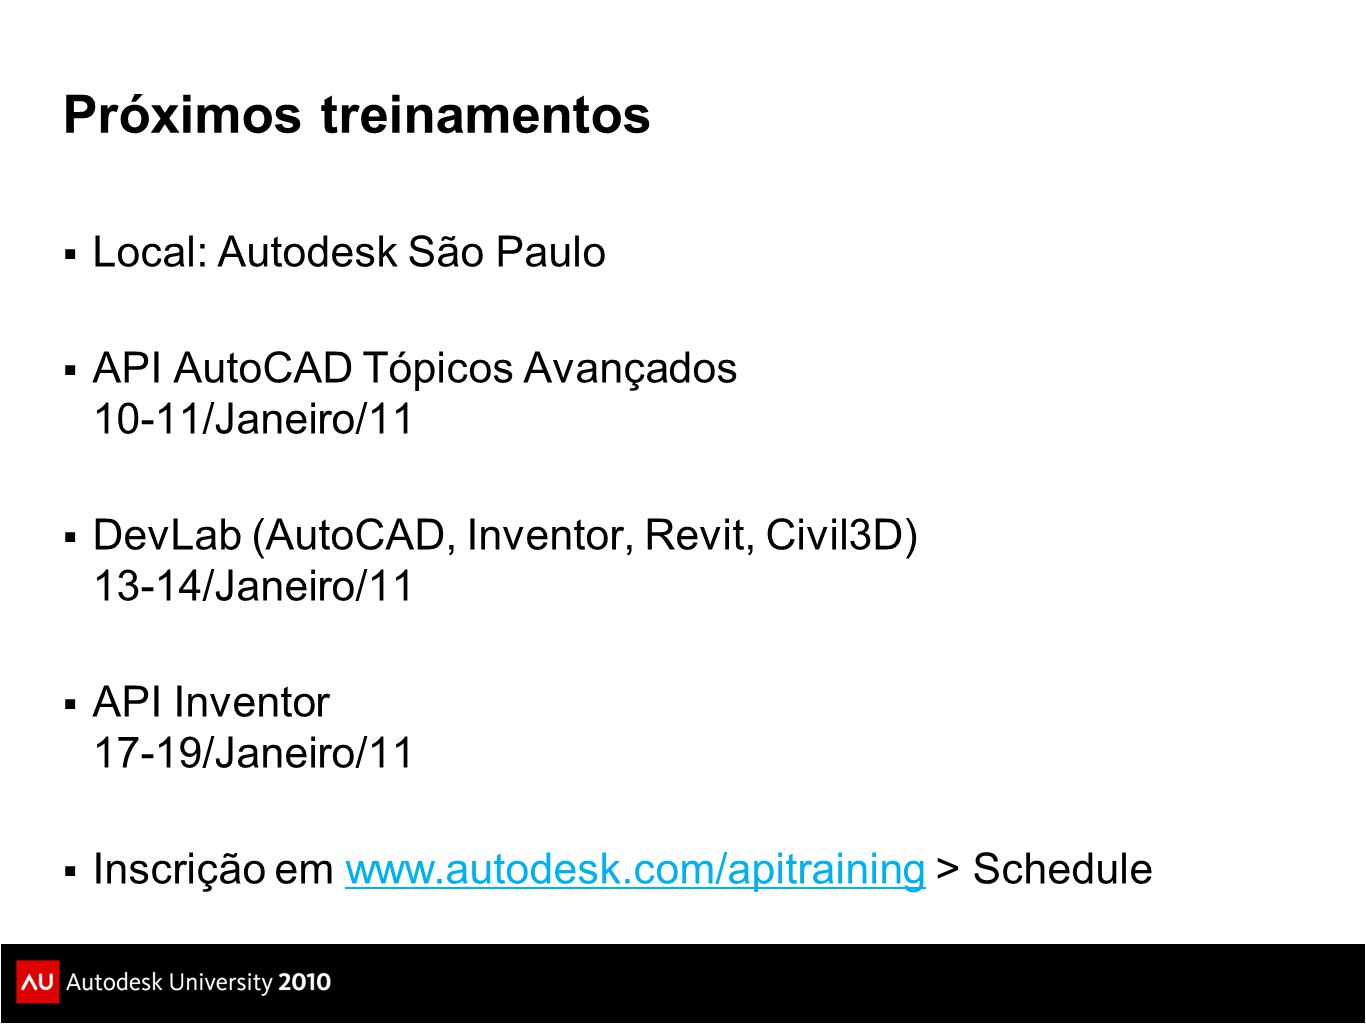 Próximos treinamentos  Local: Autodesk São Paulo  API AutoCAD Tópicos Avançados 10-11/Janeiro/11  DevLab (AutoCAD, Inventor, Revit, Civil3D) 13-14/Janeiro/11  API Inventor 17-19/Janeiro/11  Inscrição em www.autodesk.com/apitraining > Schedulewww.autodesk.com/apitraining